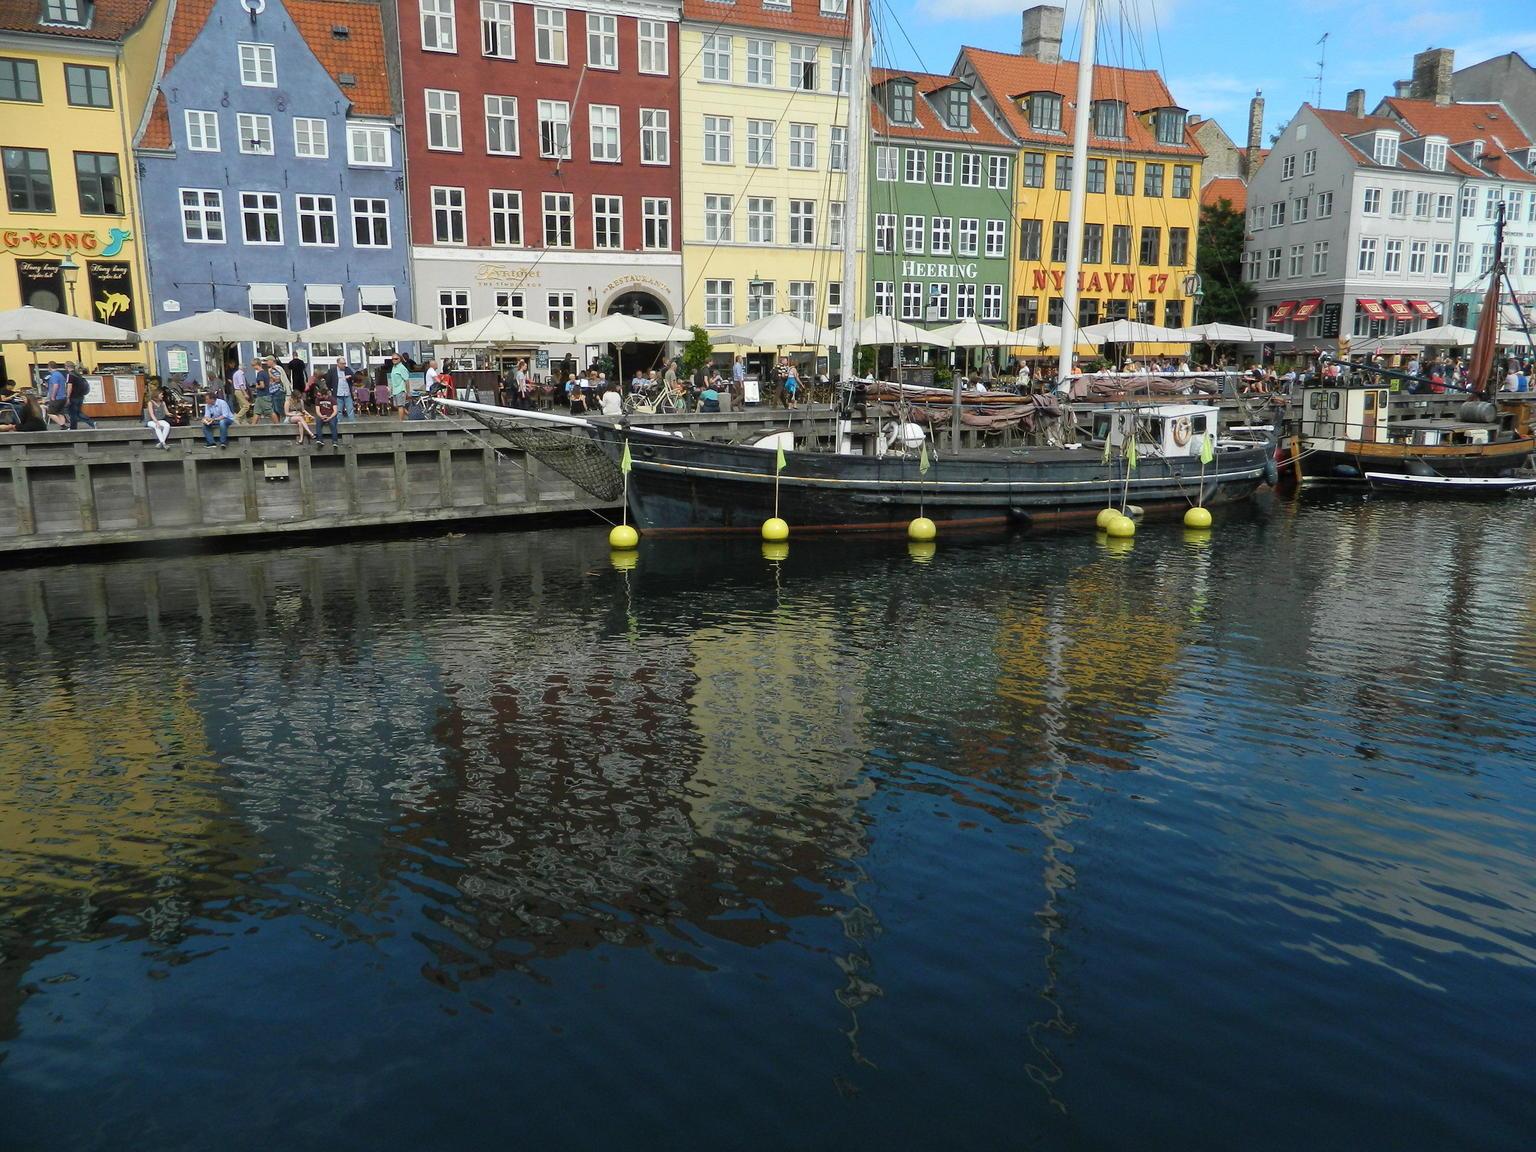 MÁS FOTOS, Excursión por la costa: Red Buses con paradas libres por Copenhague